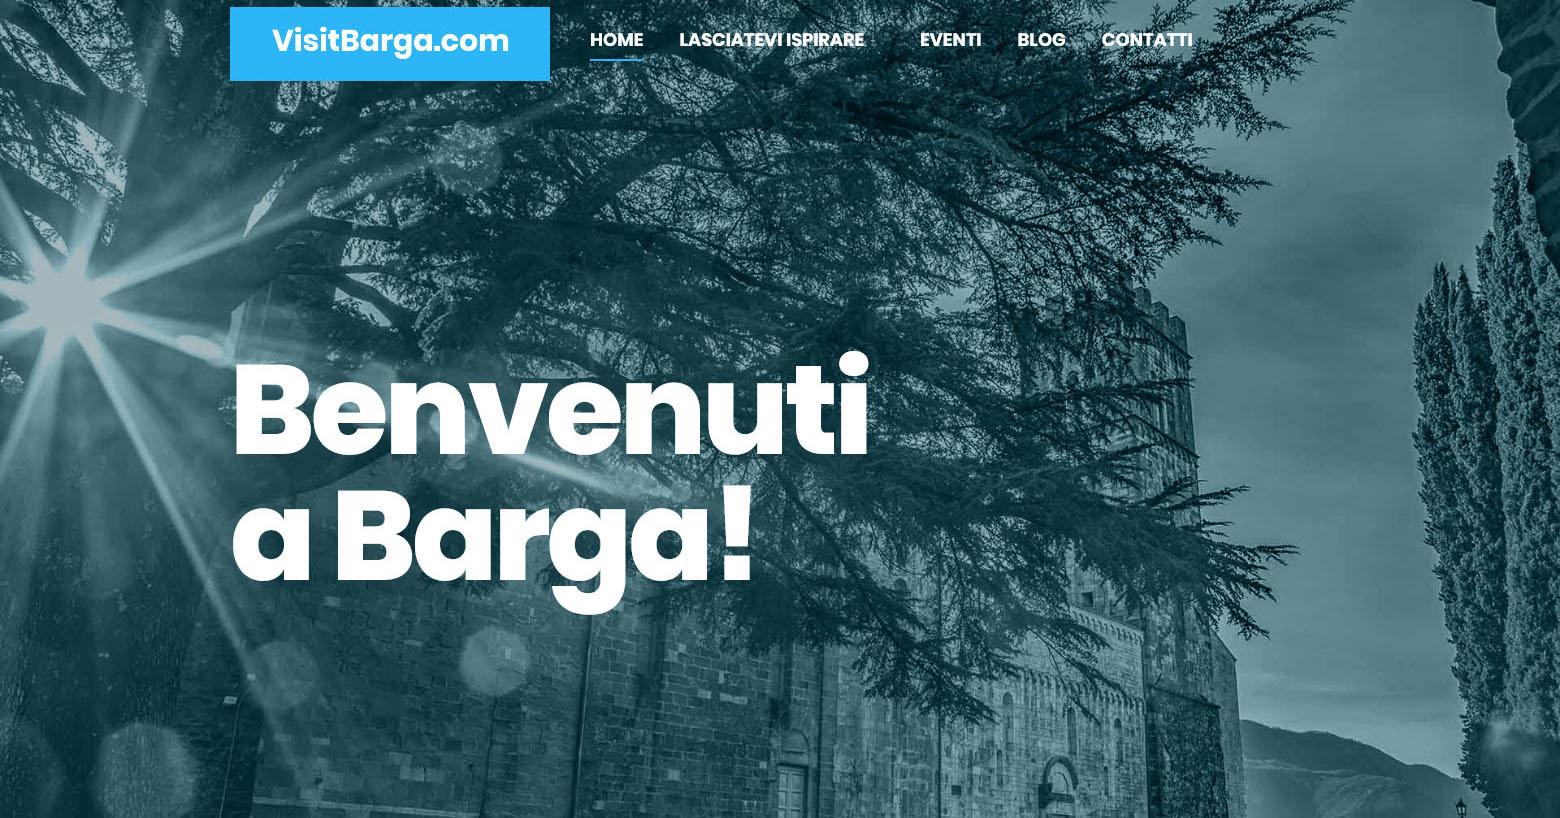 VisitBarga, il nostro nuovo portale turistico e' online